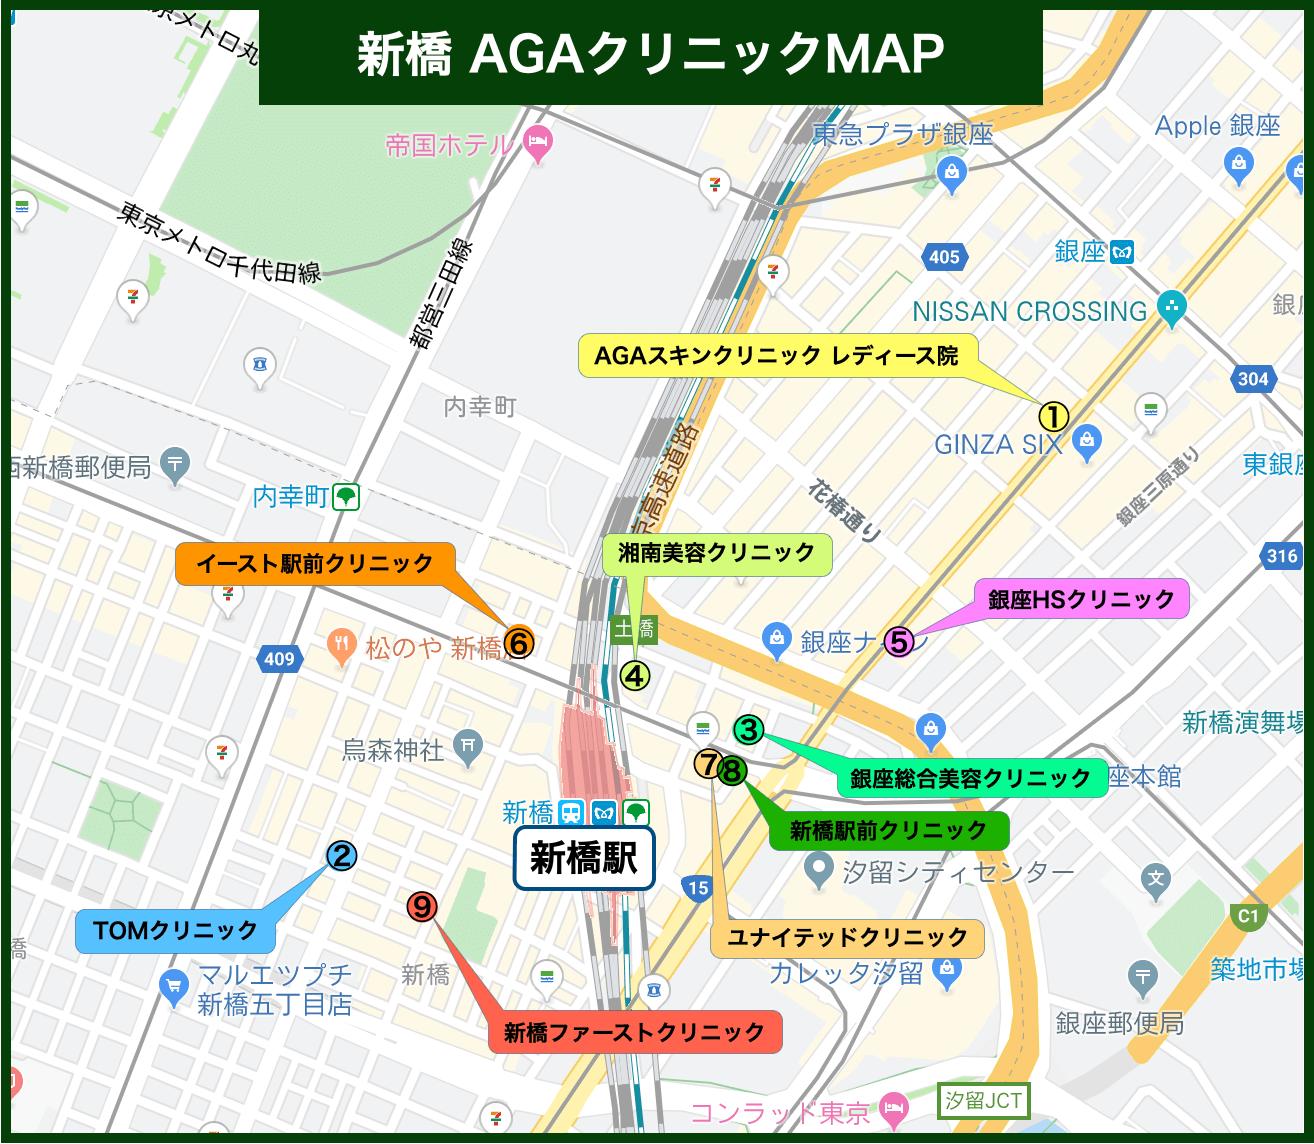 新橋 AGAクリニックMAP